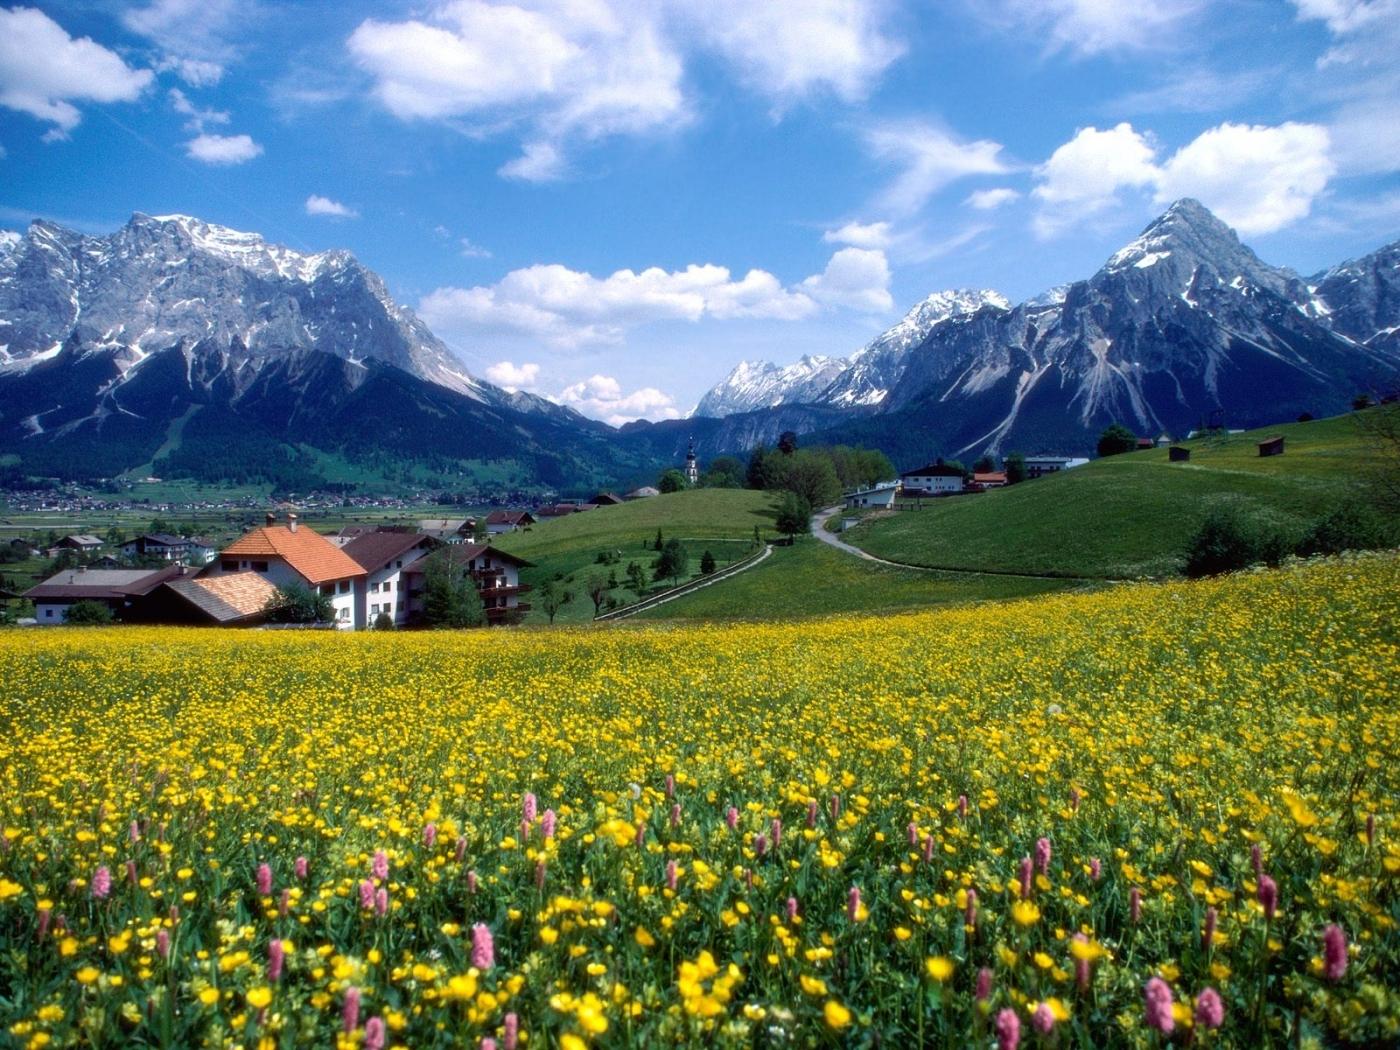 Handy-Wallpaper Landschaft, Natur, Mountains kostenlos herunterladen.